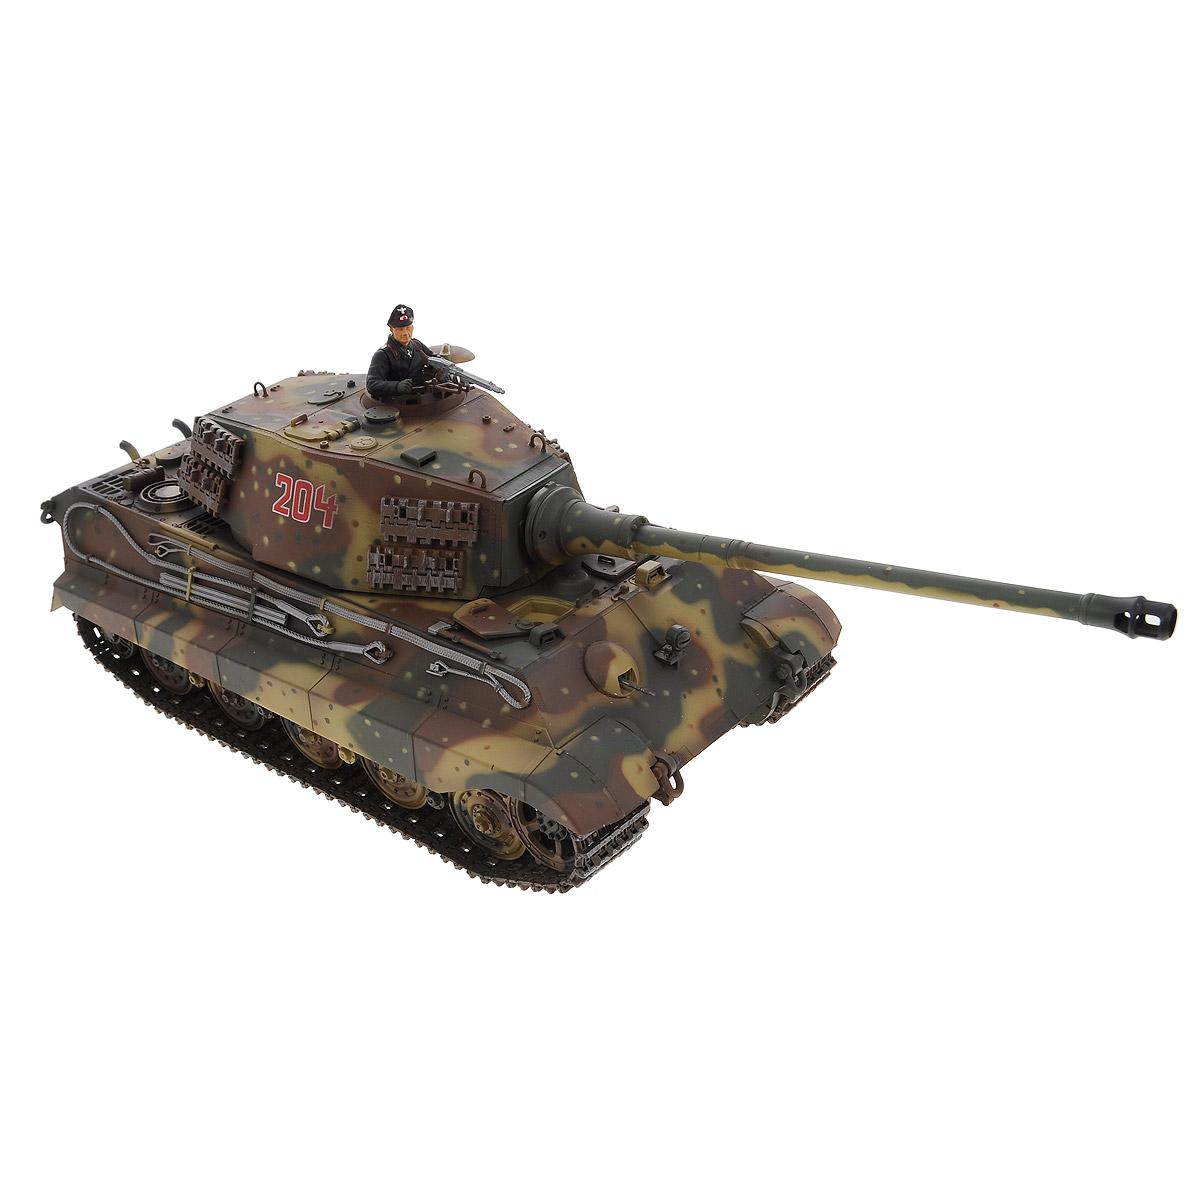 VSP Танк на радиоуправлении German King Tiger628435Радиоуправляемый танк VSP German King Tiger - это высокотехнологичная коллекционная модель в масштабе 1/24. Она представляет собой уменьшенную копию немецкого тяжелого танка времен Второй мировой войны, известного как Тигр II. Эта модель танка производилась в 1944 году и была мощнейшей серийной боевой машиной благодаря 88-мм пушке и надежной защите от противотанковых средств. Пульт управления работает на частоте 2,4 ГГц и оснащен светодиодной подсветкой голубого цвета. Система Airsoft обеспечивает постоянное движение танка и стрельбу из пневматической пушки. Данная модель может стрелять мягкими (пневматическими) BB шариками, поэтому имеет возрастное ограничение от 14 лет. Благодаря работе на частоте 2,4 ГГц танк будет легко сопрягаться с пультом управления. Новые электронные схемы, примененные в этом пульте, позволяют принимать участие в игровых сражениях одновременно 16 танкам. Радиус управления заметно увеличился и составляет 40-50 метров на...